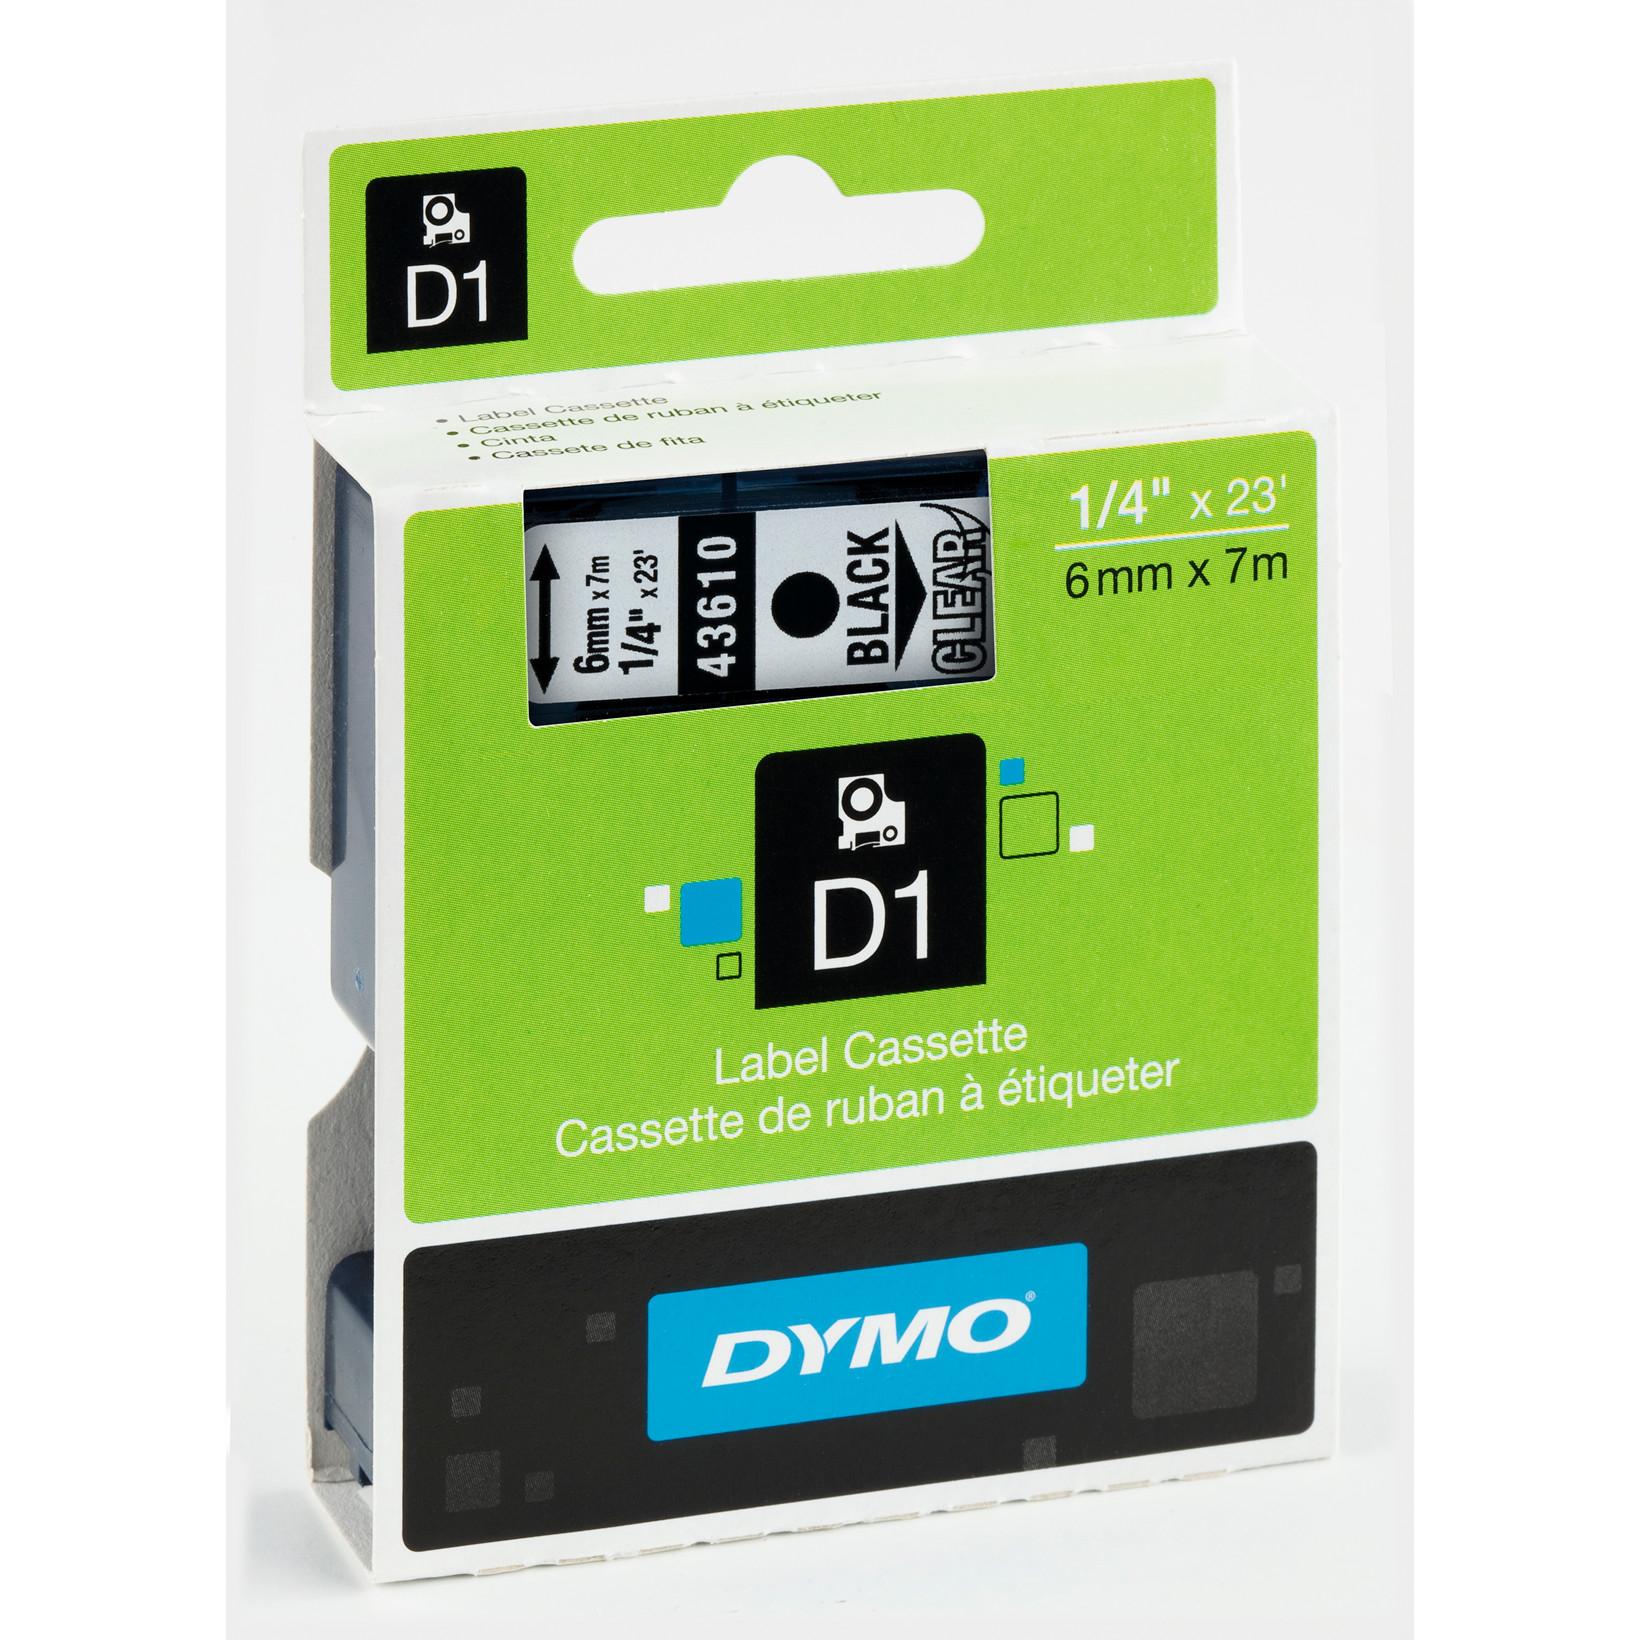 DYMO D1 43610 - Labeltape 6 mm sort på klar